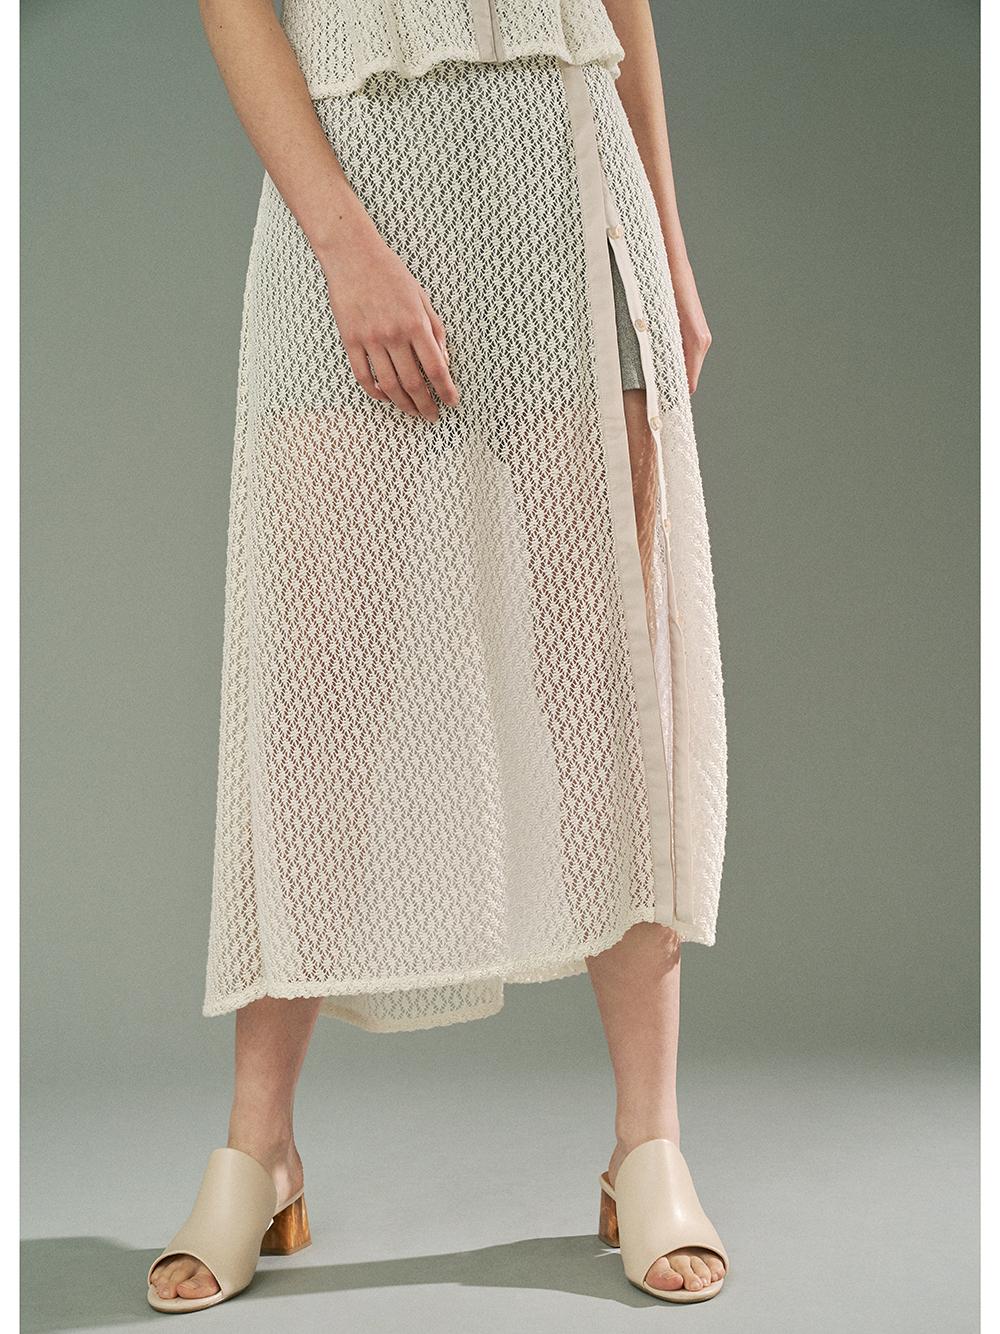 ショートパンツ付き透かしスカート